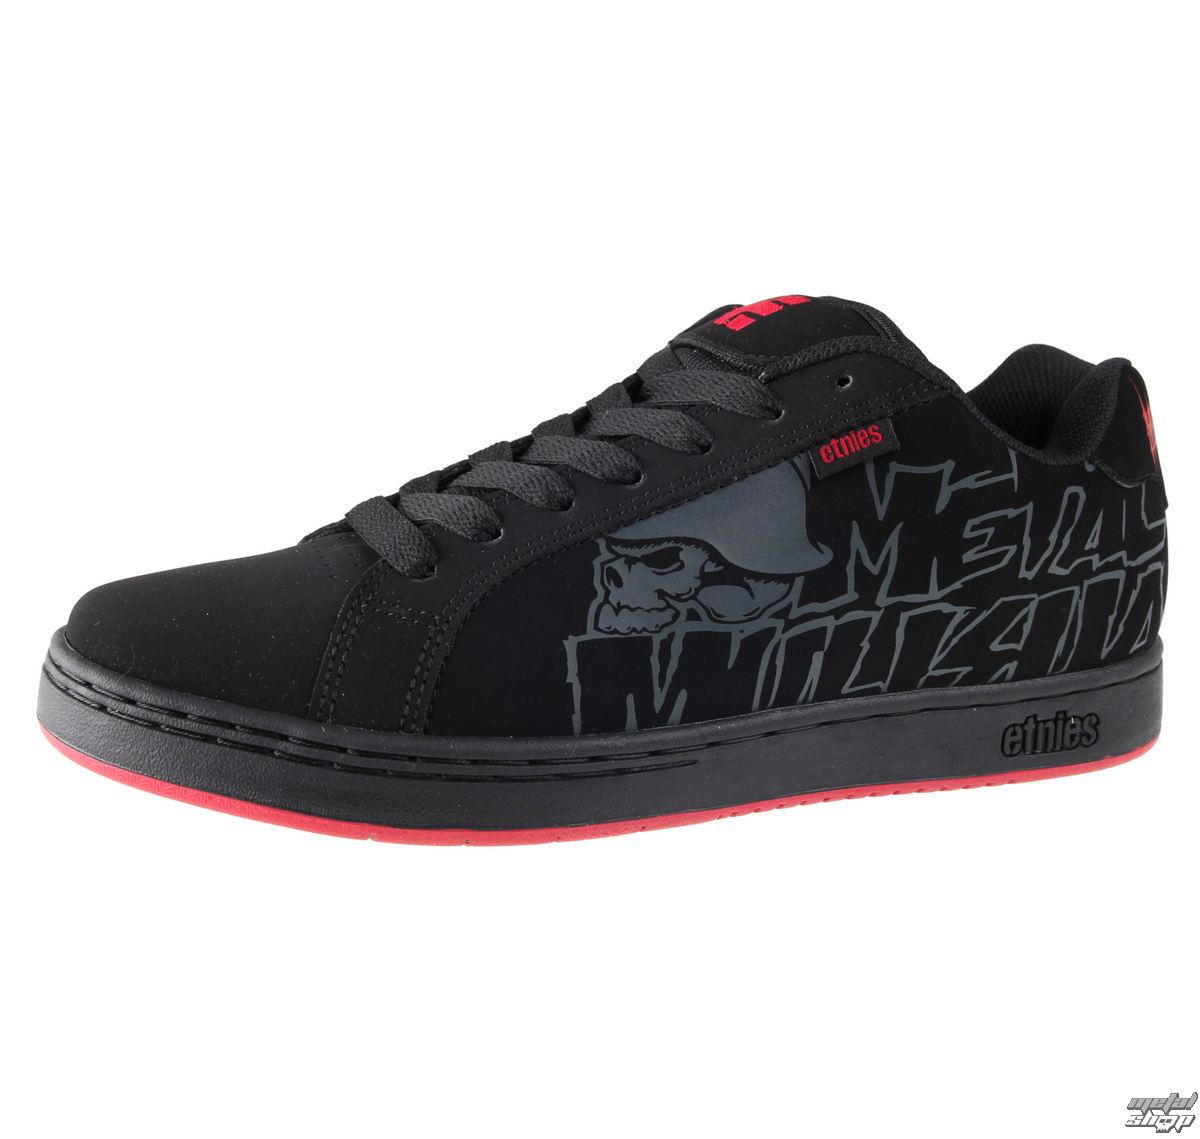 topánky pánske ETNIES - Metal Mulisha Fader - BLACK / BLACK / RED - 10031103